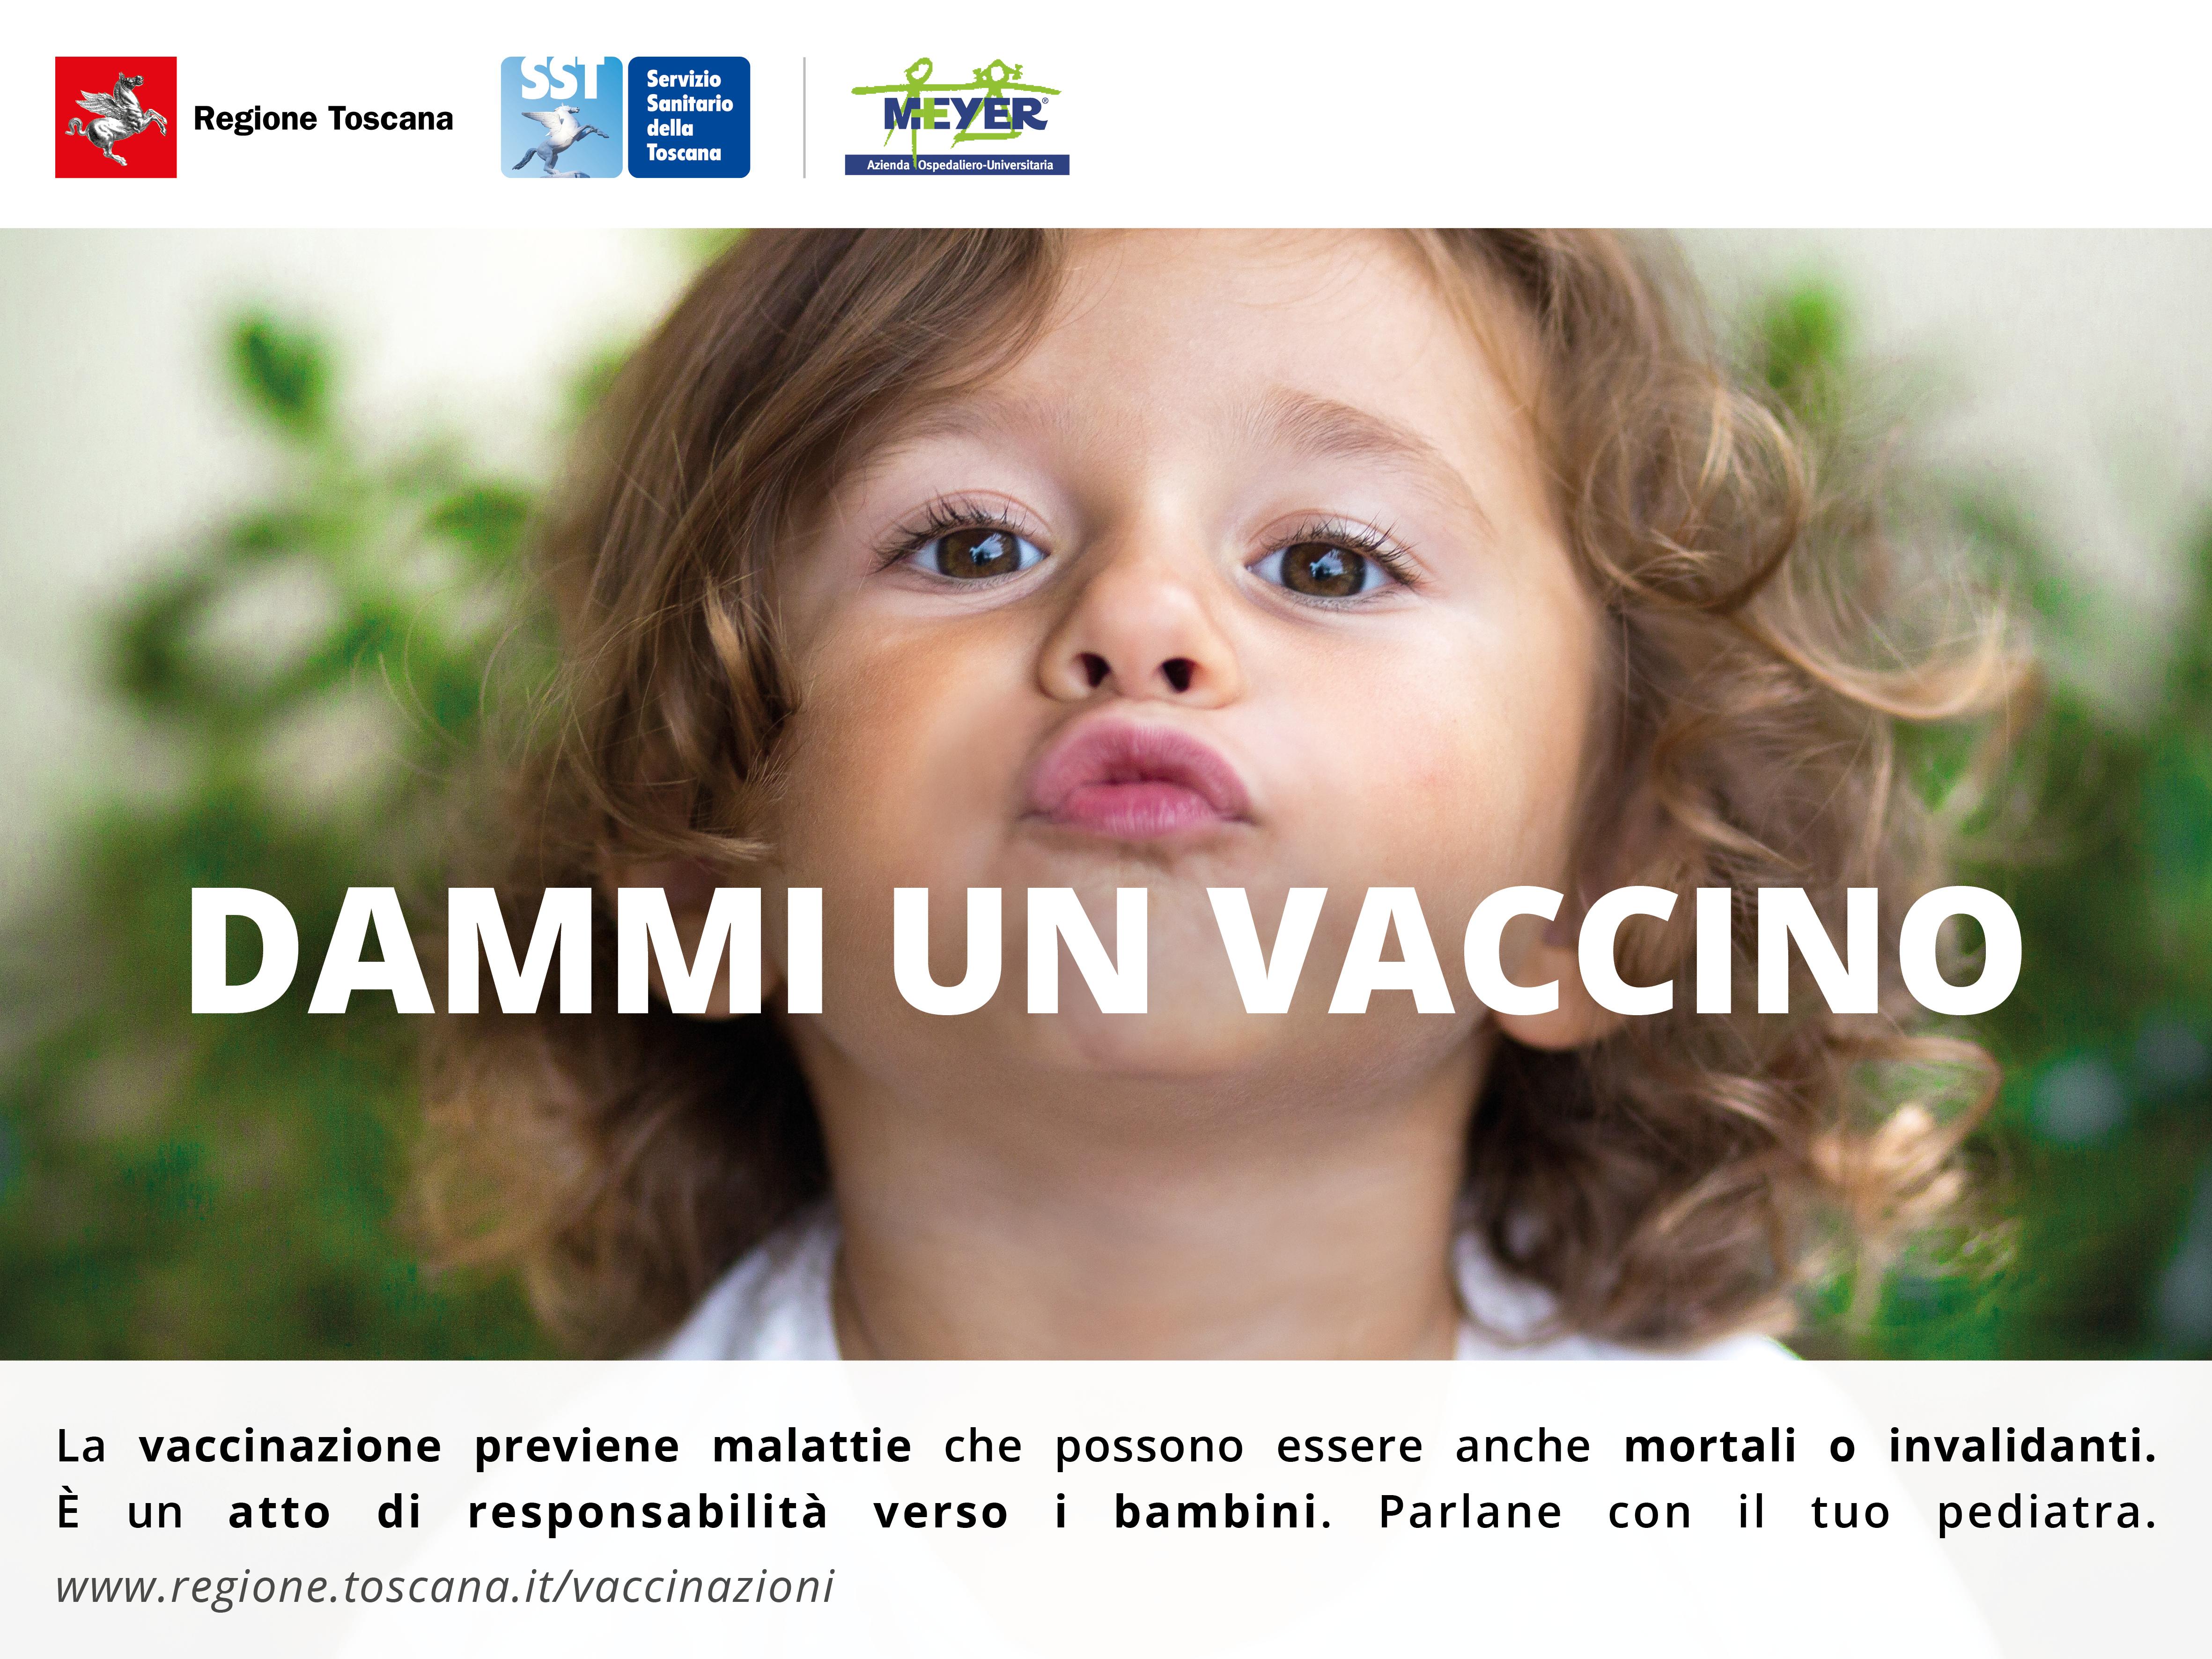 Ufficio Vaccinazioni A Prato : Un nuovo prato in sintetico per l asilo nido u croberto di ferrou d ad